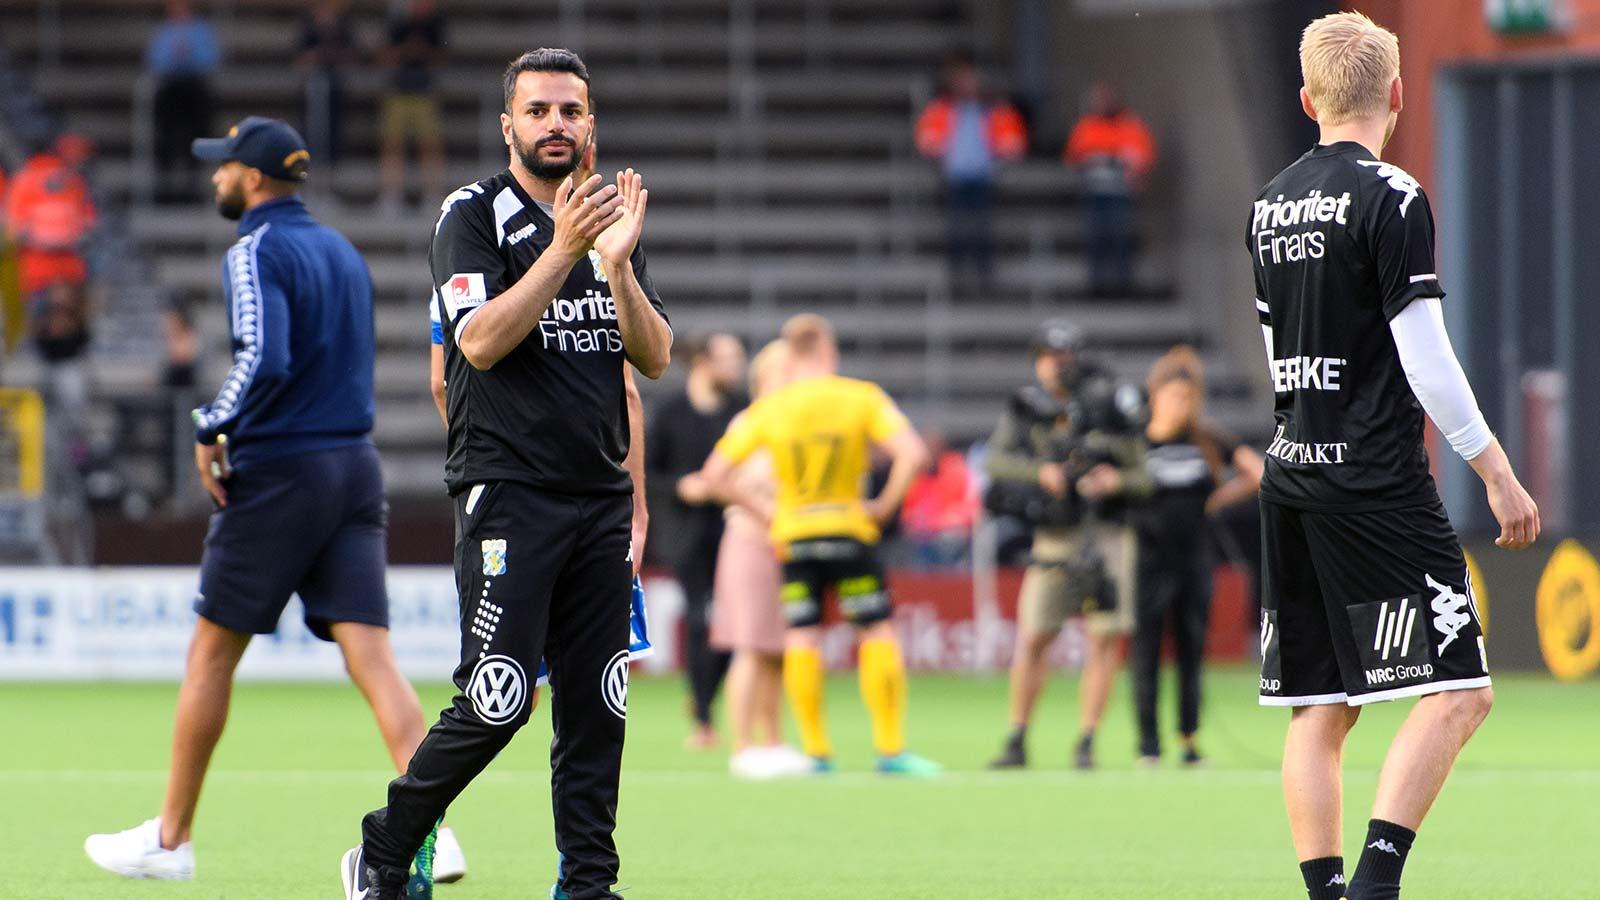 180521 IFK Göteborgs tränare Poya Asbaghi tackar publiken efter fotbollsmatchen i Allsvenskan mellan Elfsborg och IFK Göteborg den 21 maj 2018 i Borås.